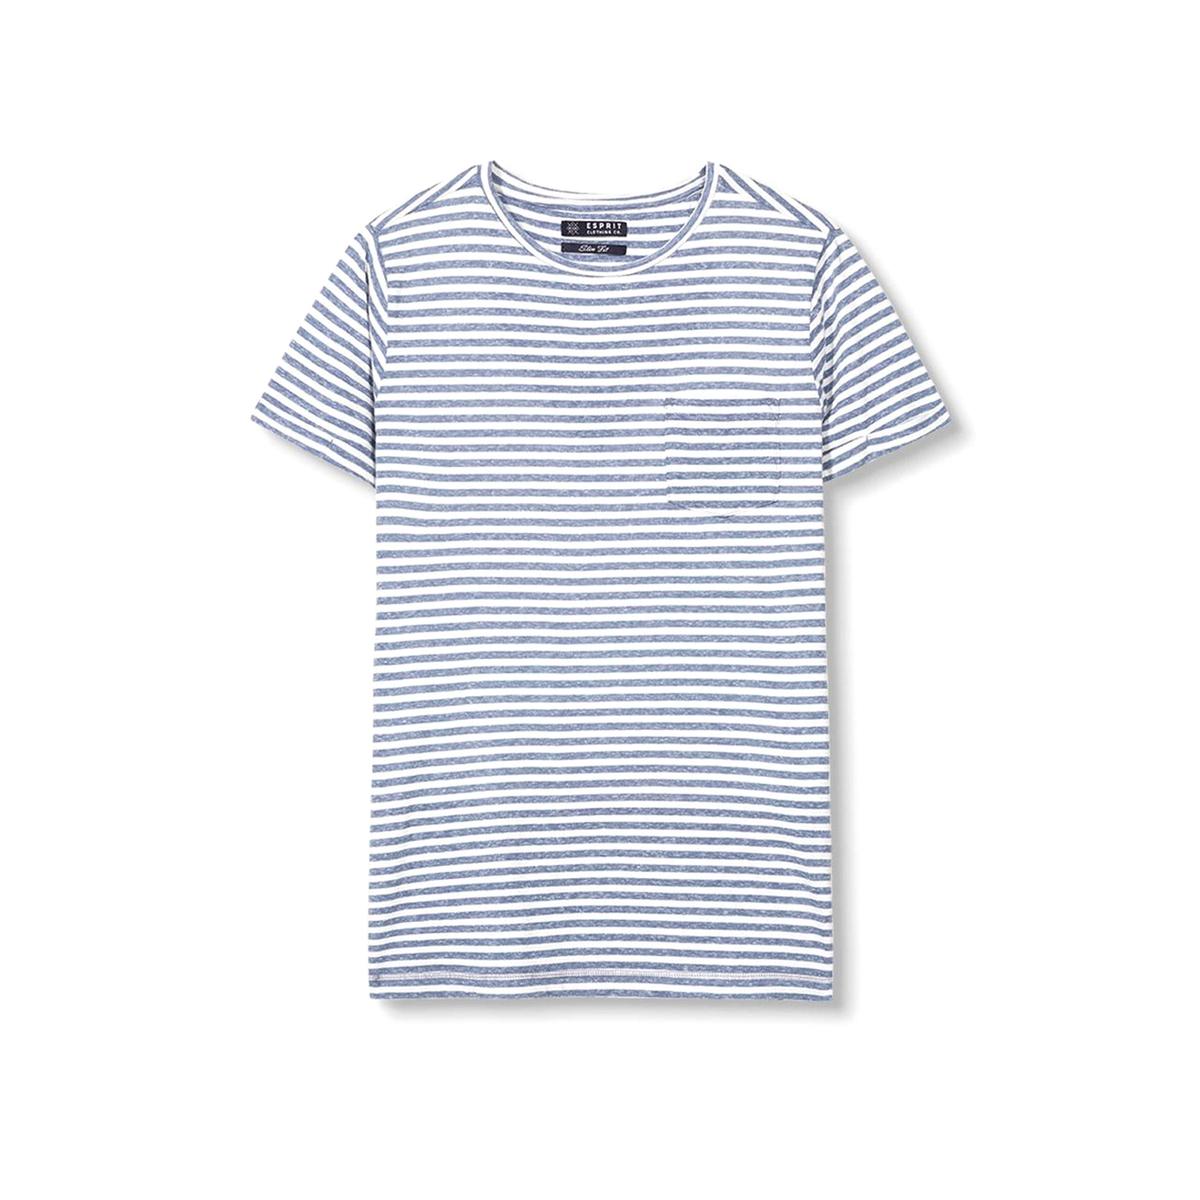 Футболка в полоску с круглым вырезом футболка esprit hc3703fc